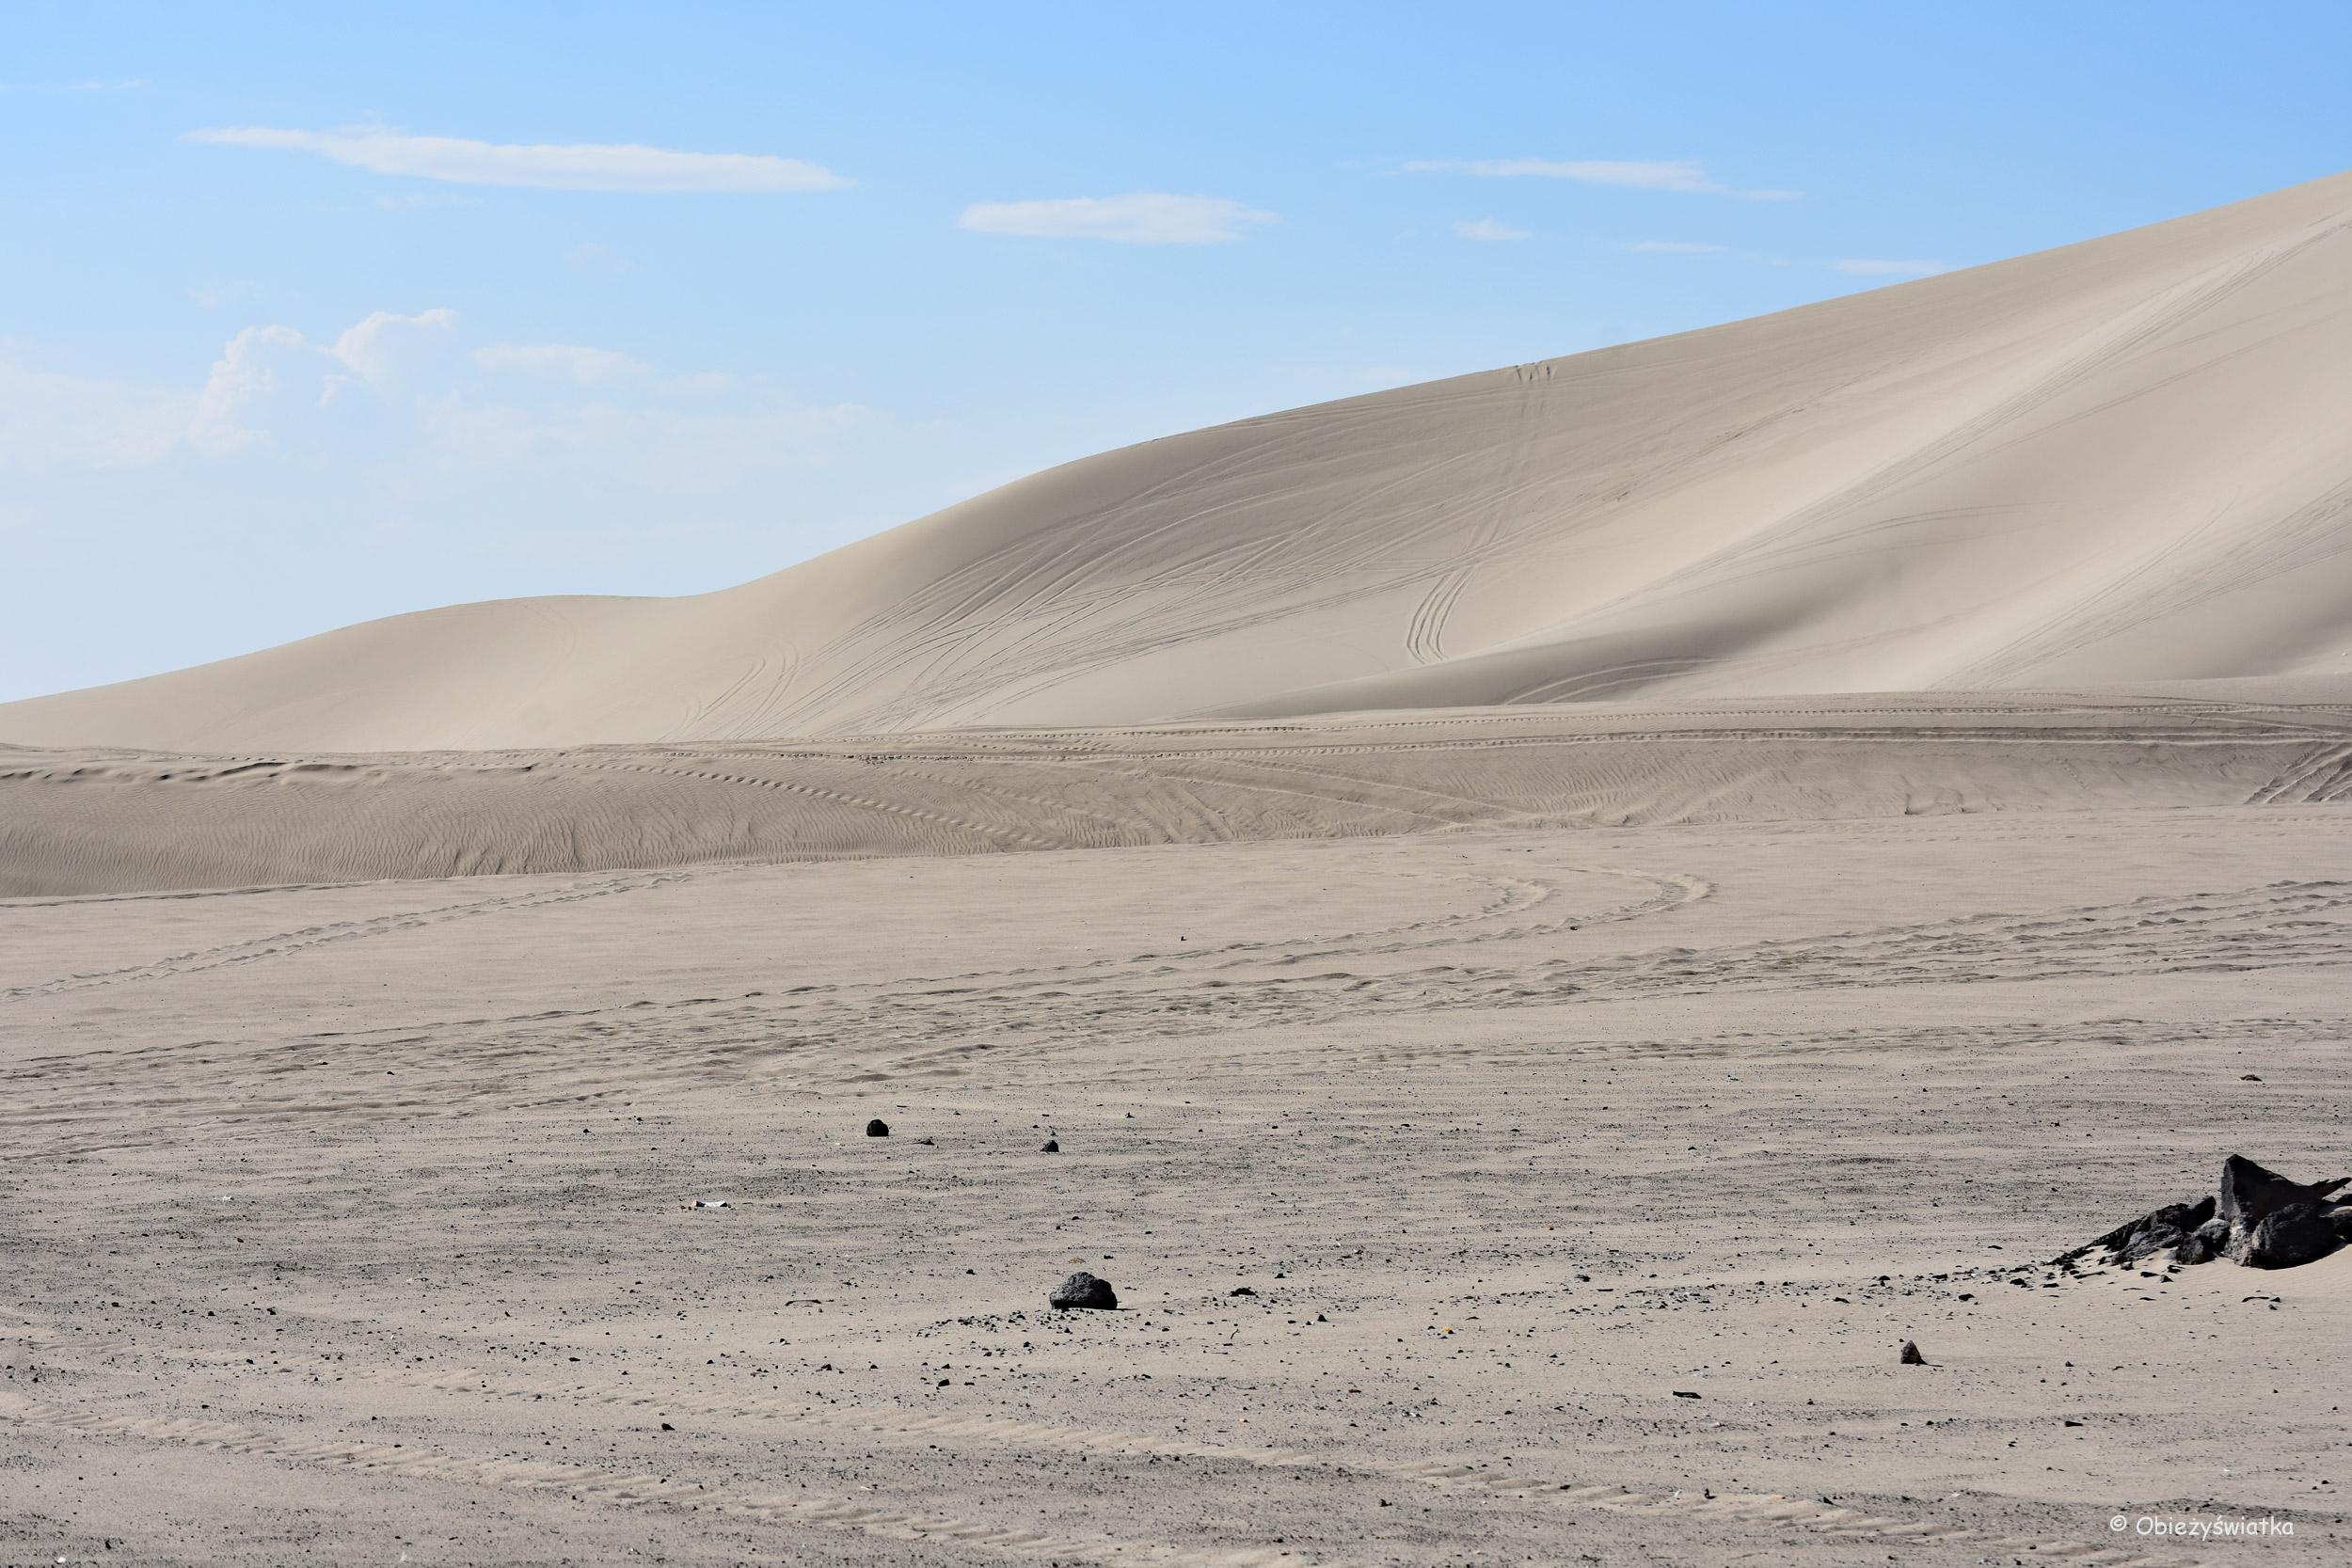 Gorący piasek wydm / Sand Mountain, Nevada